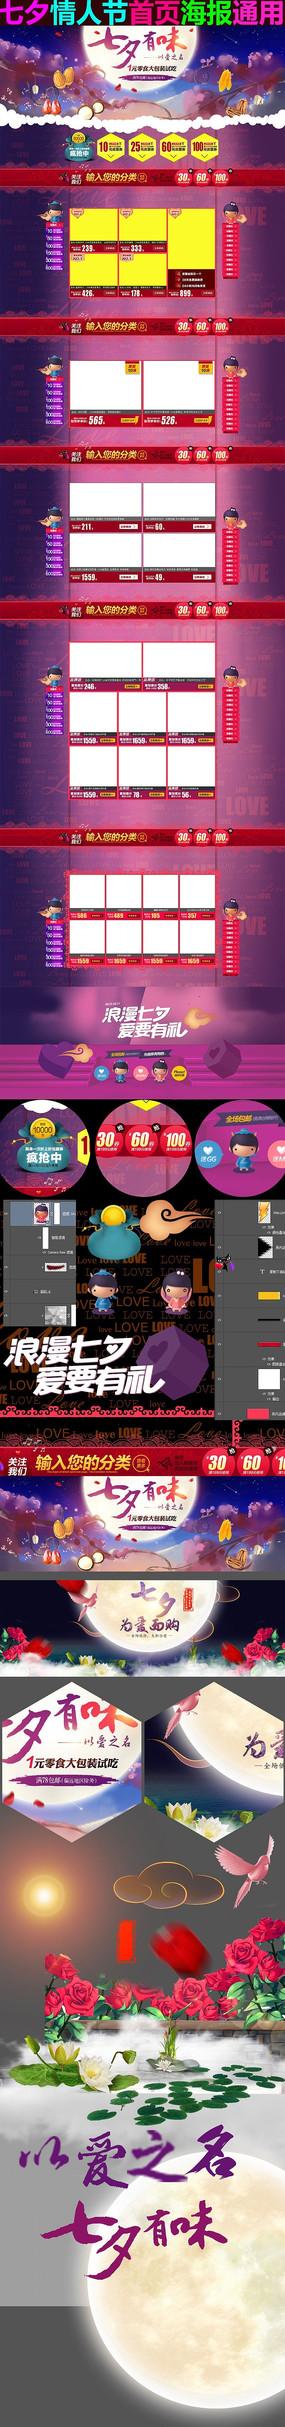 天猫七夕情人节通用首页设计 PSD